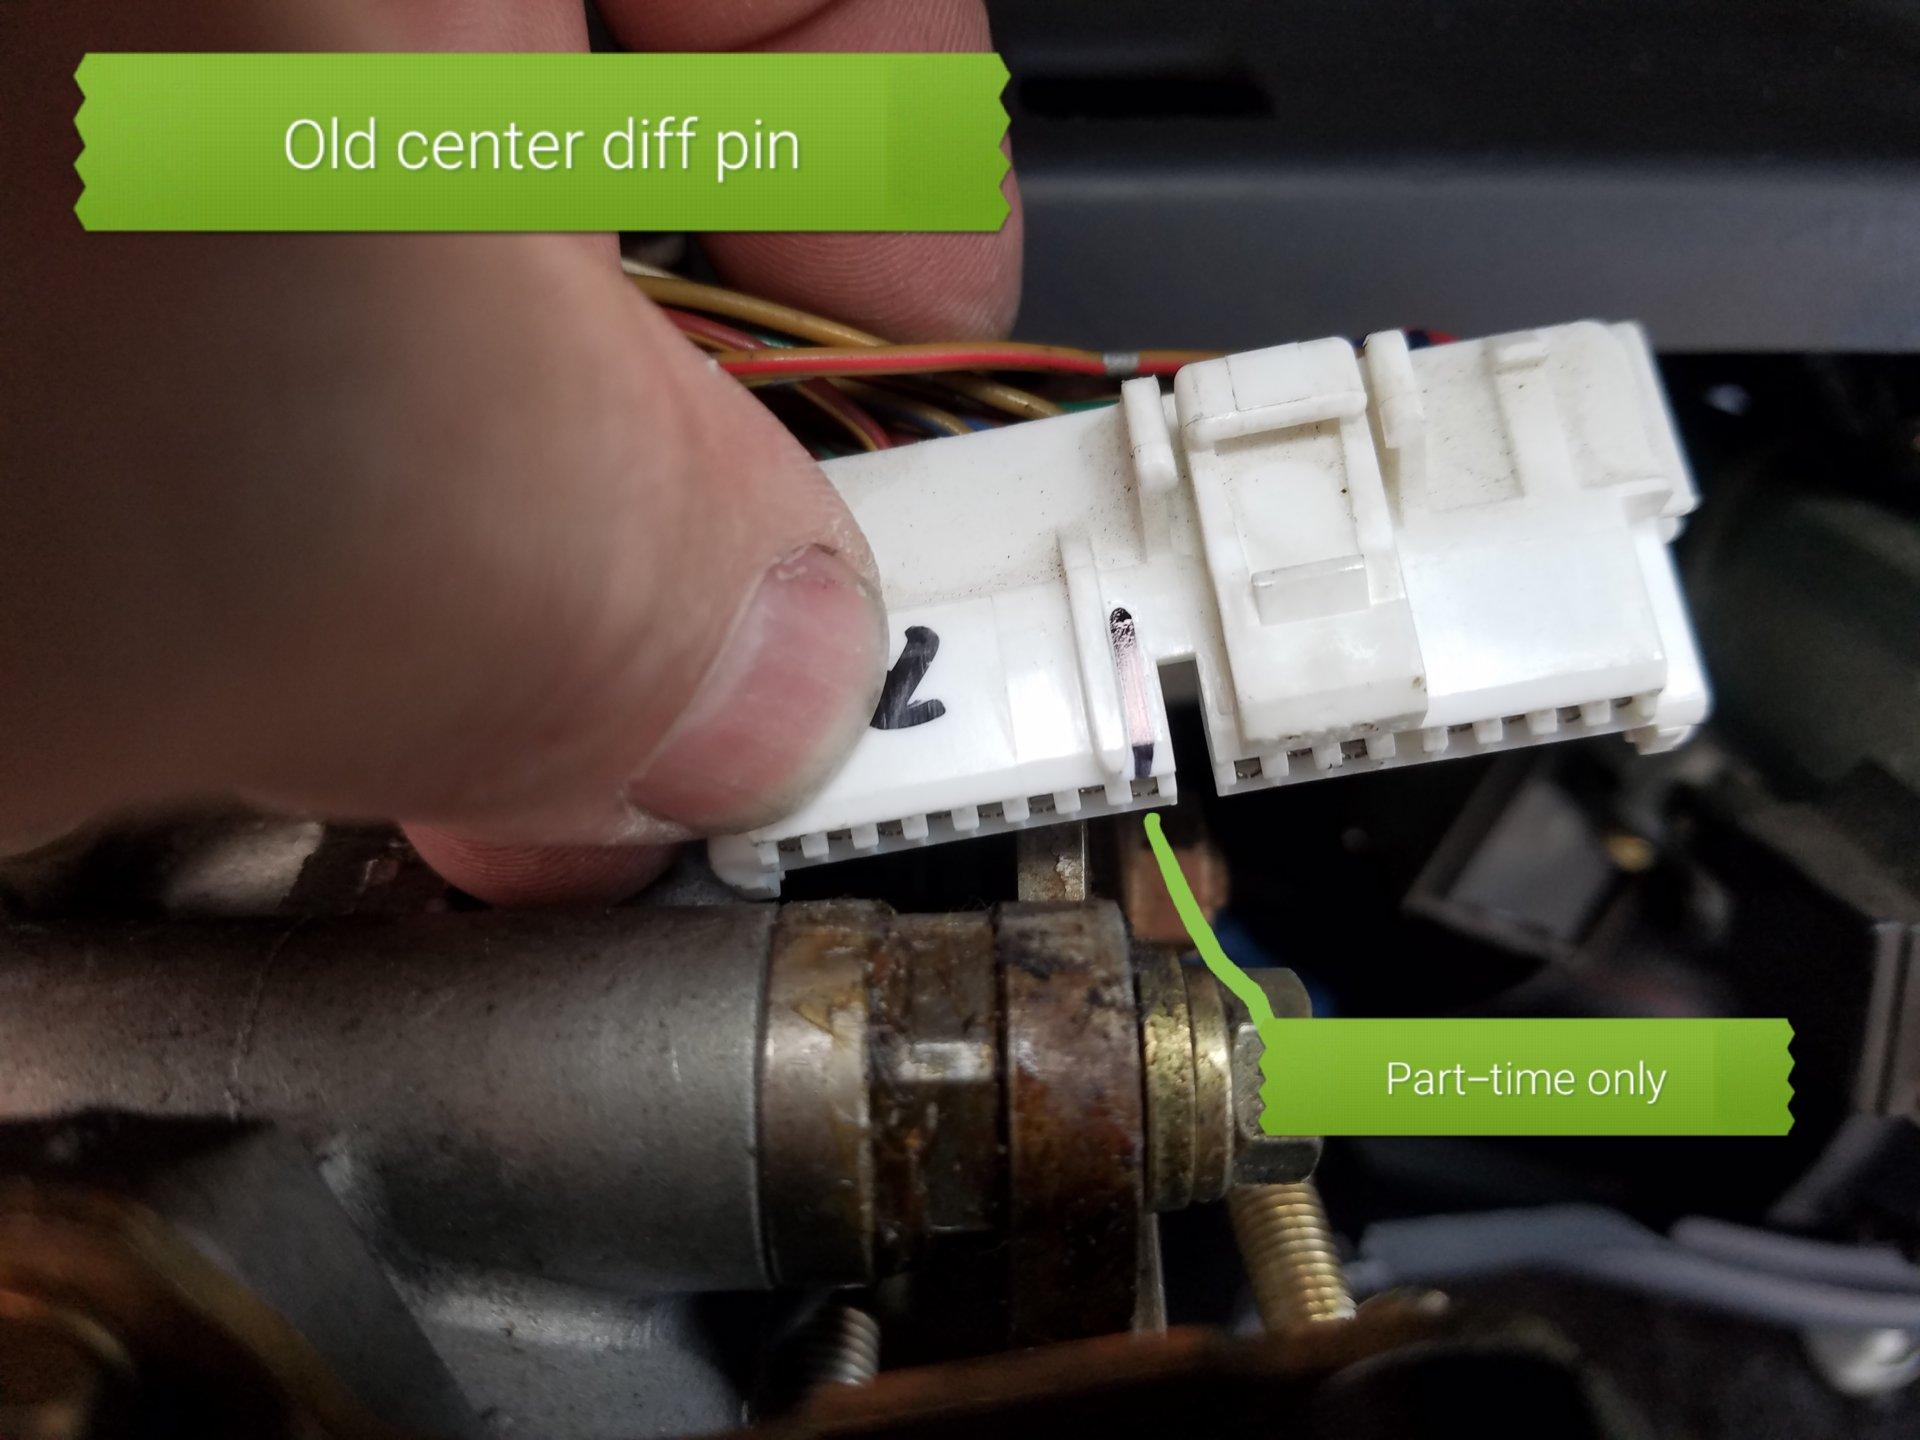 Mercedes OM606 turbo Diesel 80 series Land Cruiser | Page 8 | IH8MUD